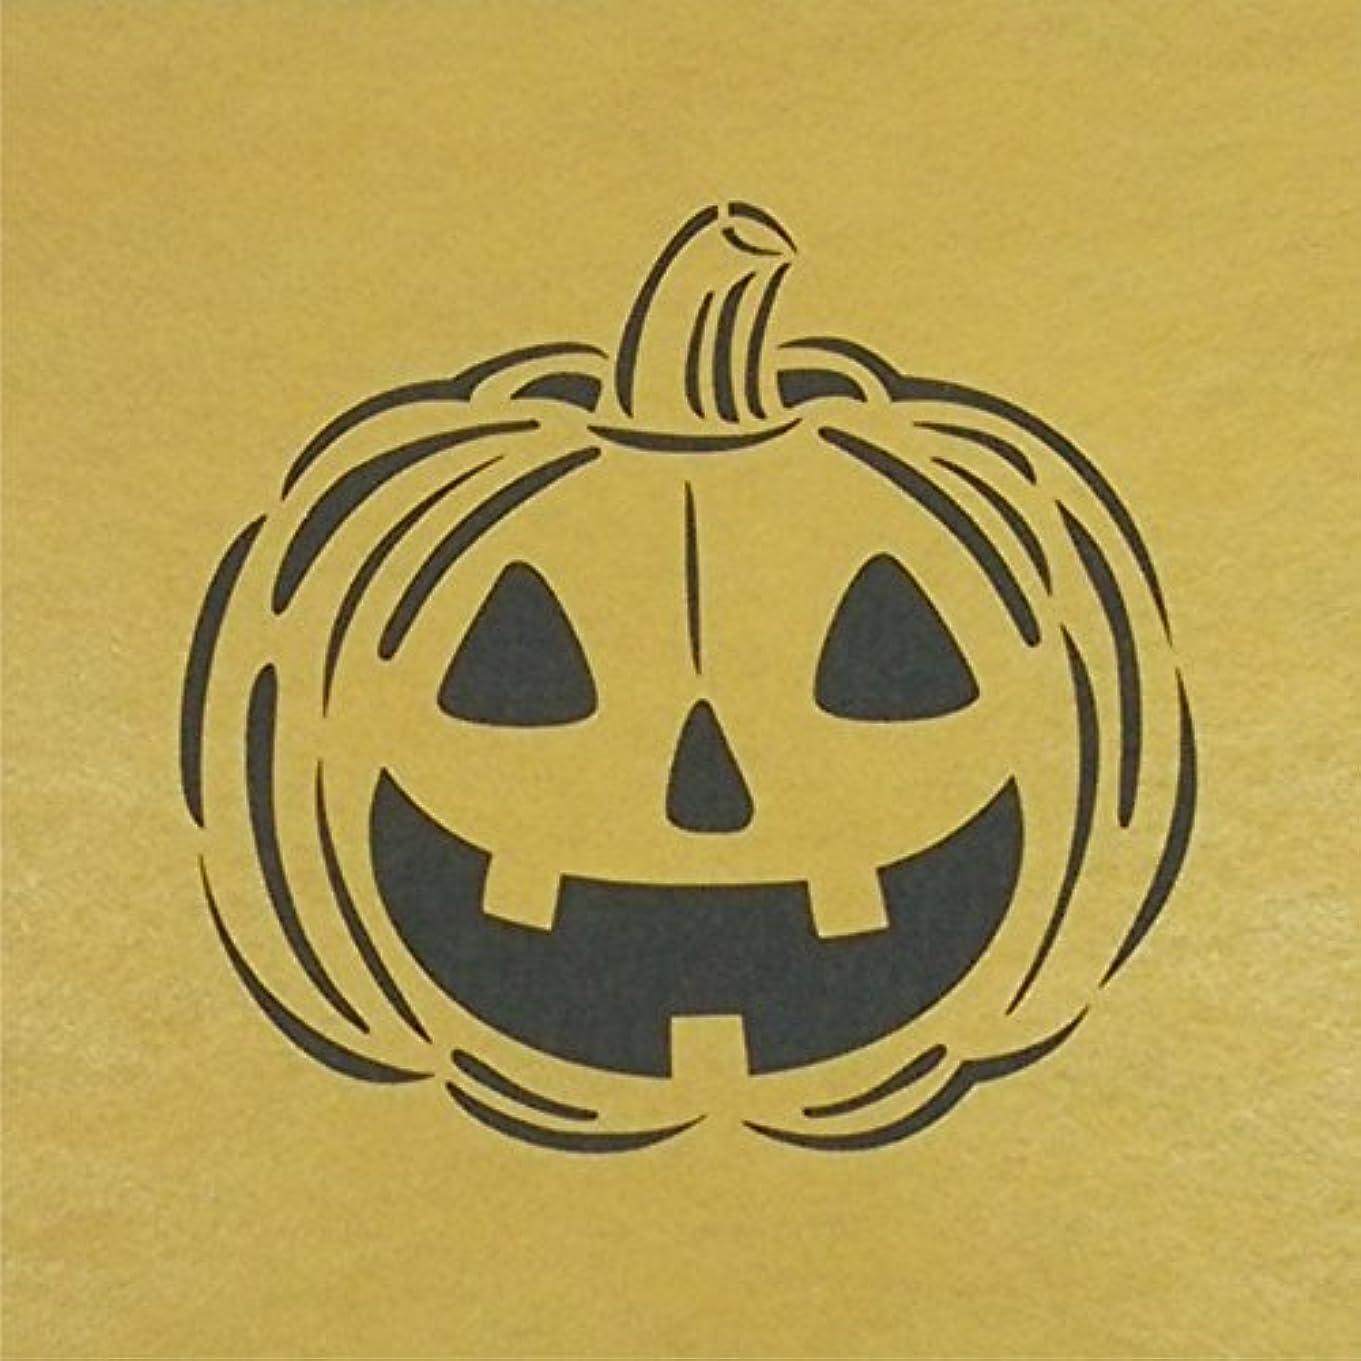 投げ捨てるアマゾンジャングル病気だと思うステンシルシート かぼちゃのお化け ハロウィン 3サイズ型紙  (10cm)